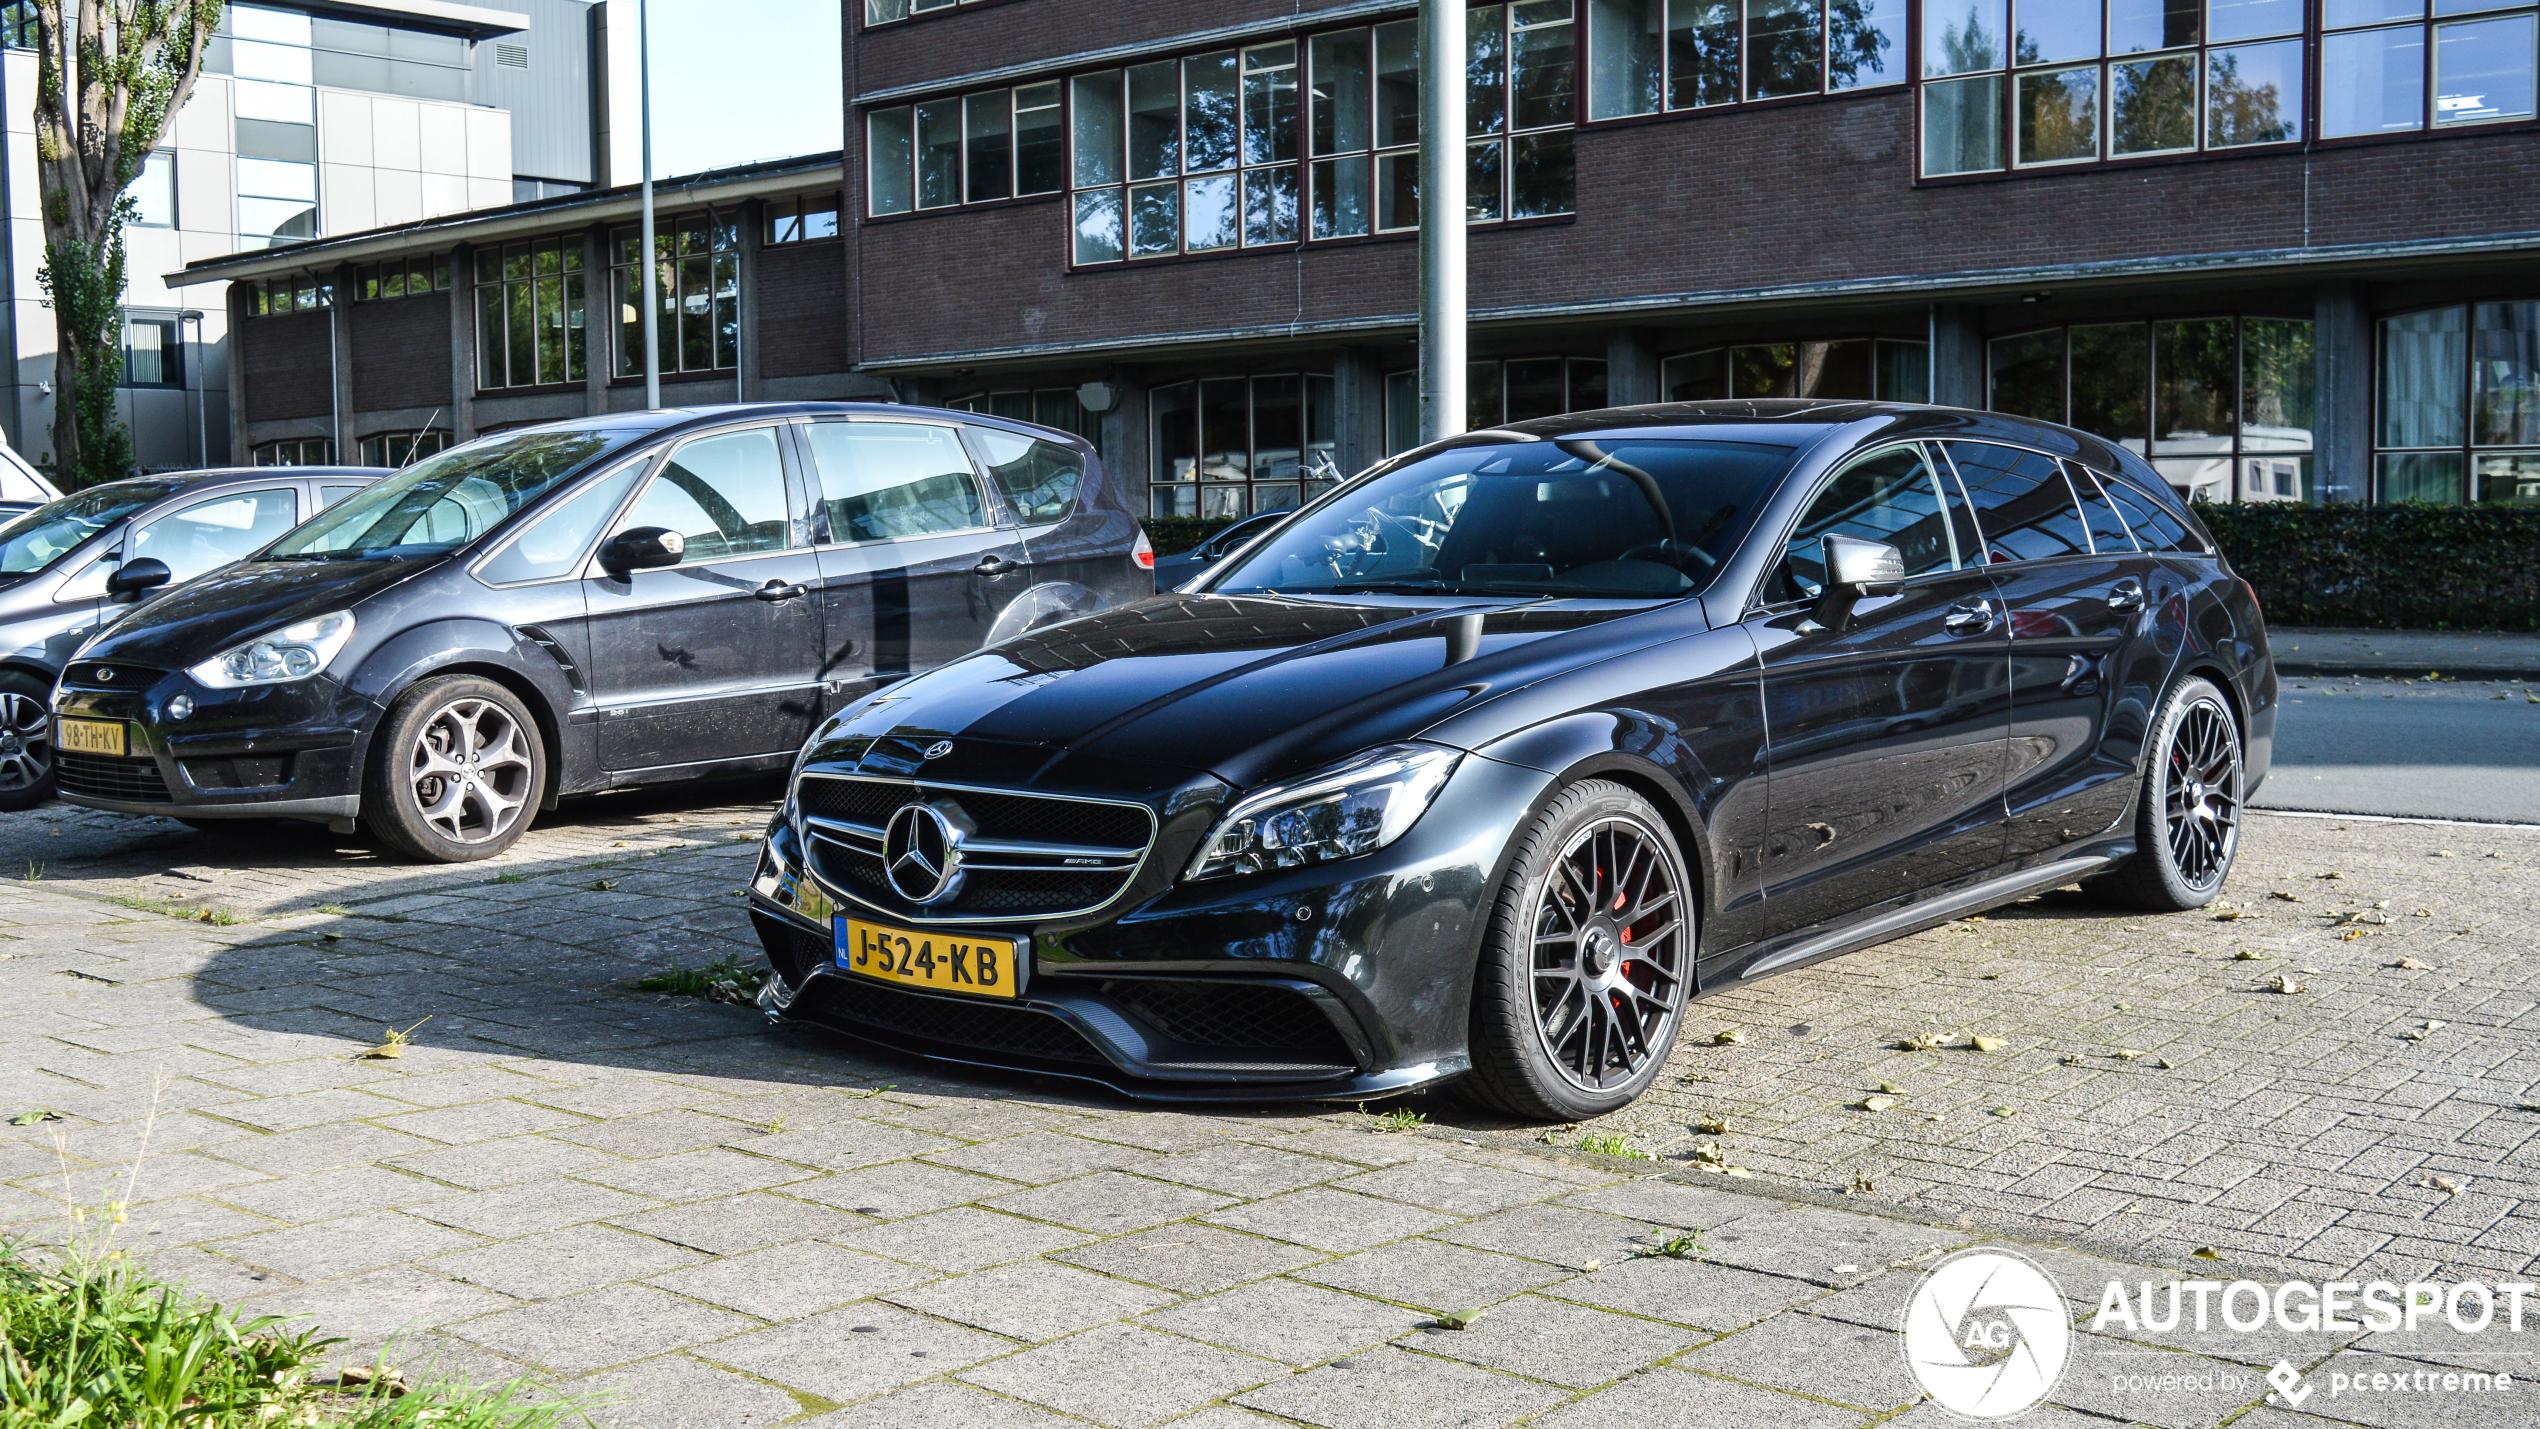 Mercedes-AMG CLS 63 Shooting Brake blijft een schoonheid